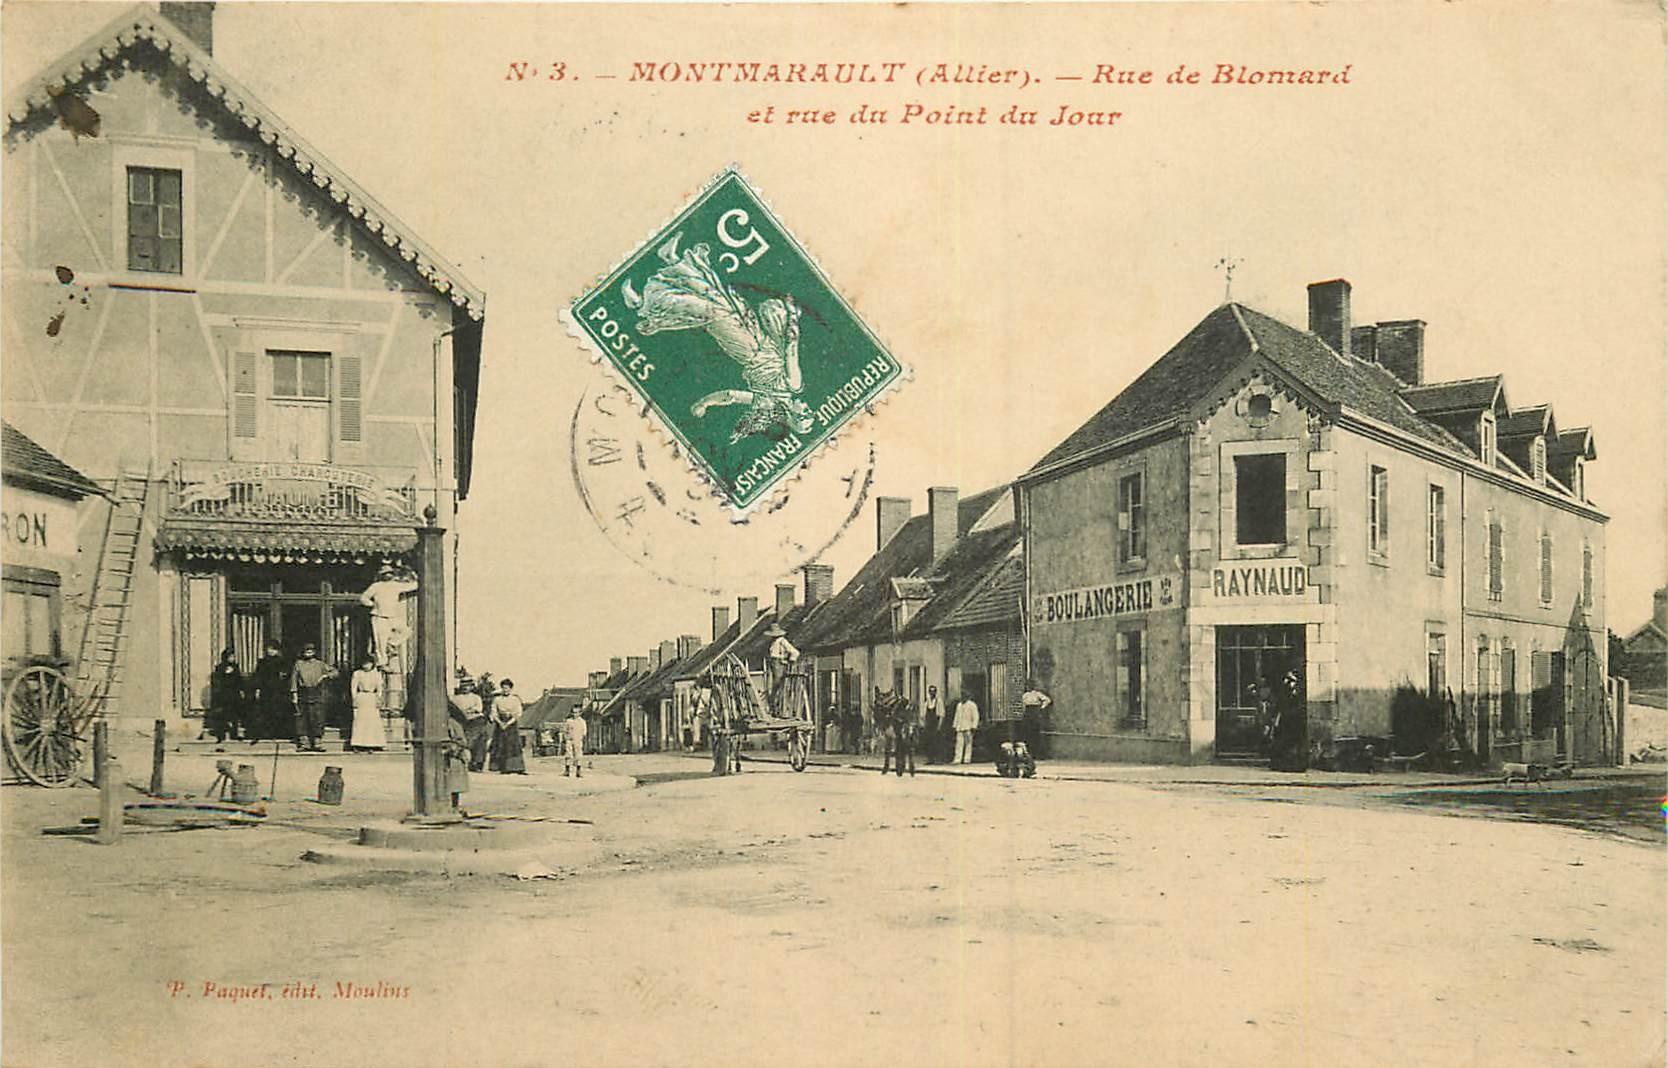 WW 03 MONTMARAULT. Rue de Blomard et du Point du Jour 1908